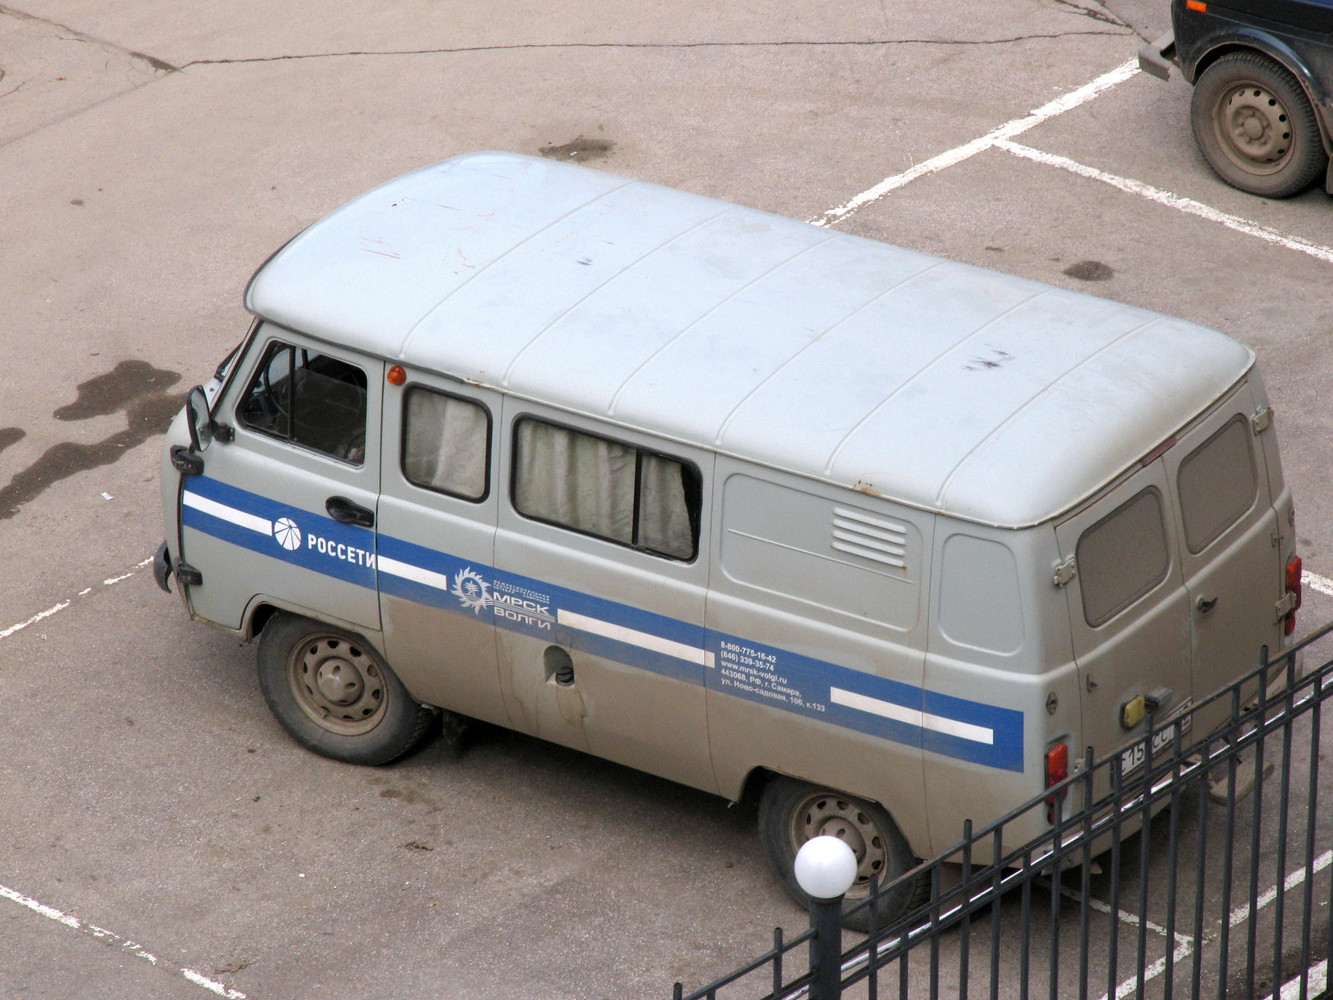 УАЗ-3909. г. Самара, ул. Ново-Садовая